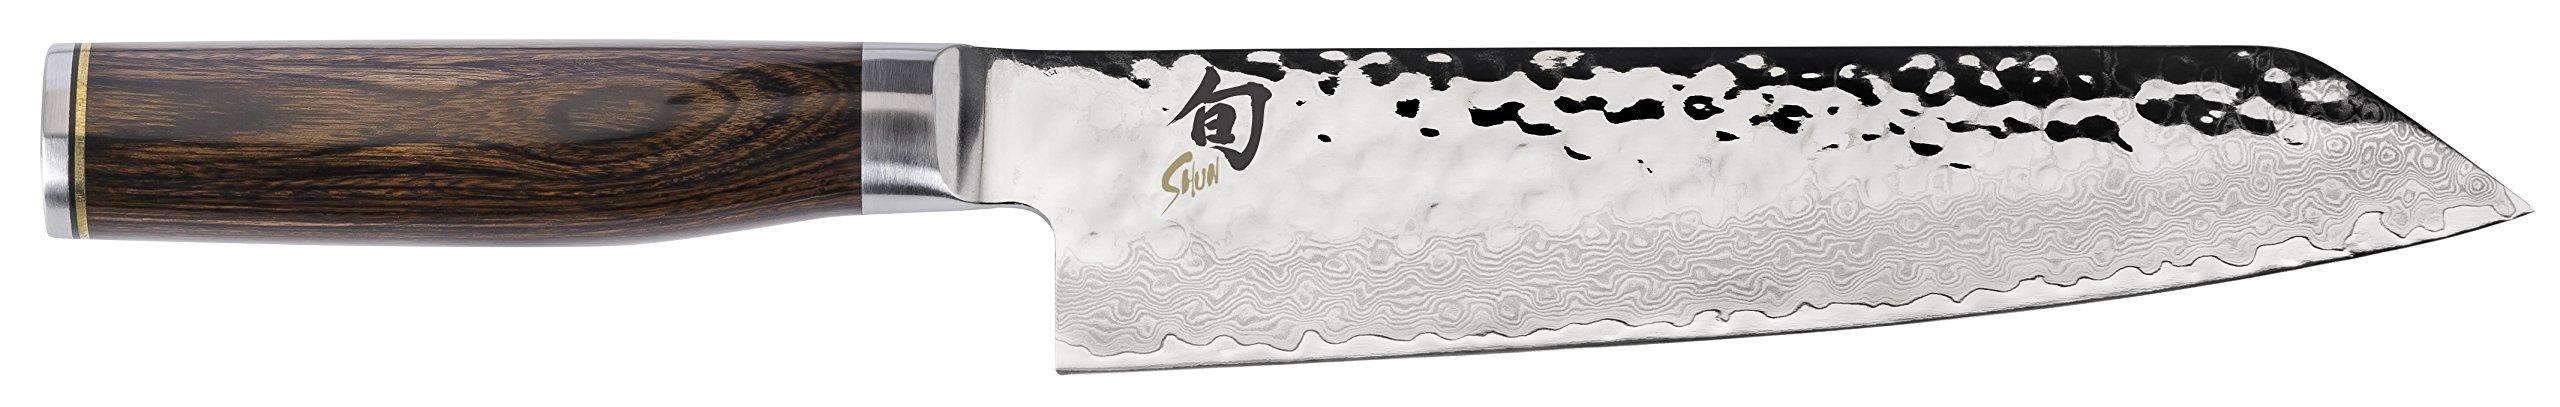 Shun TDM0771 Premier Kiritsuke Knife, 8'', Silver by Shun